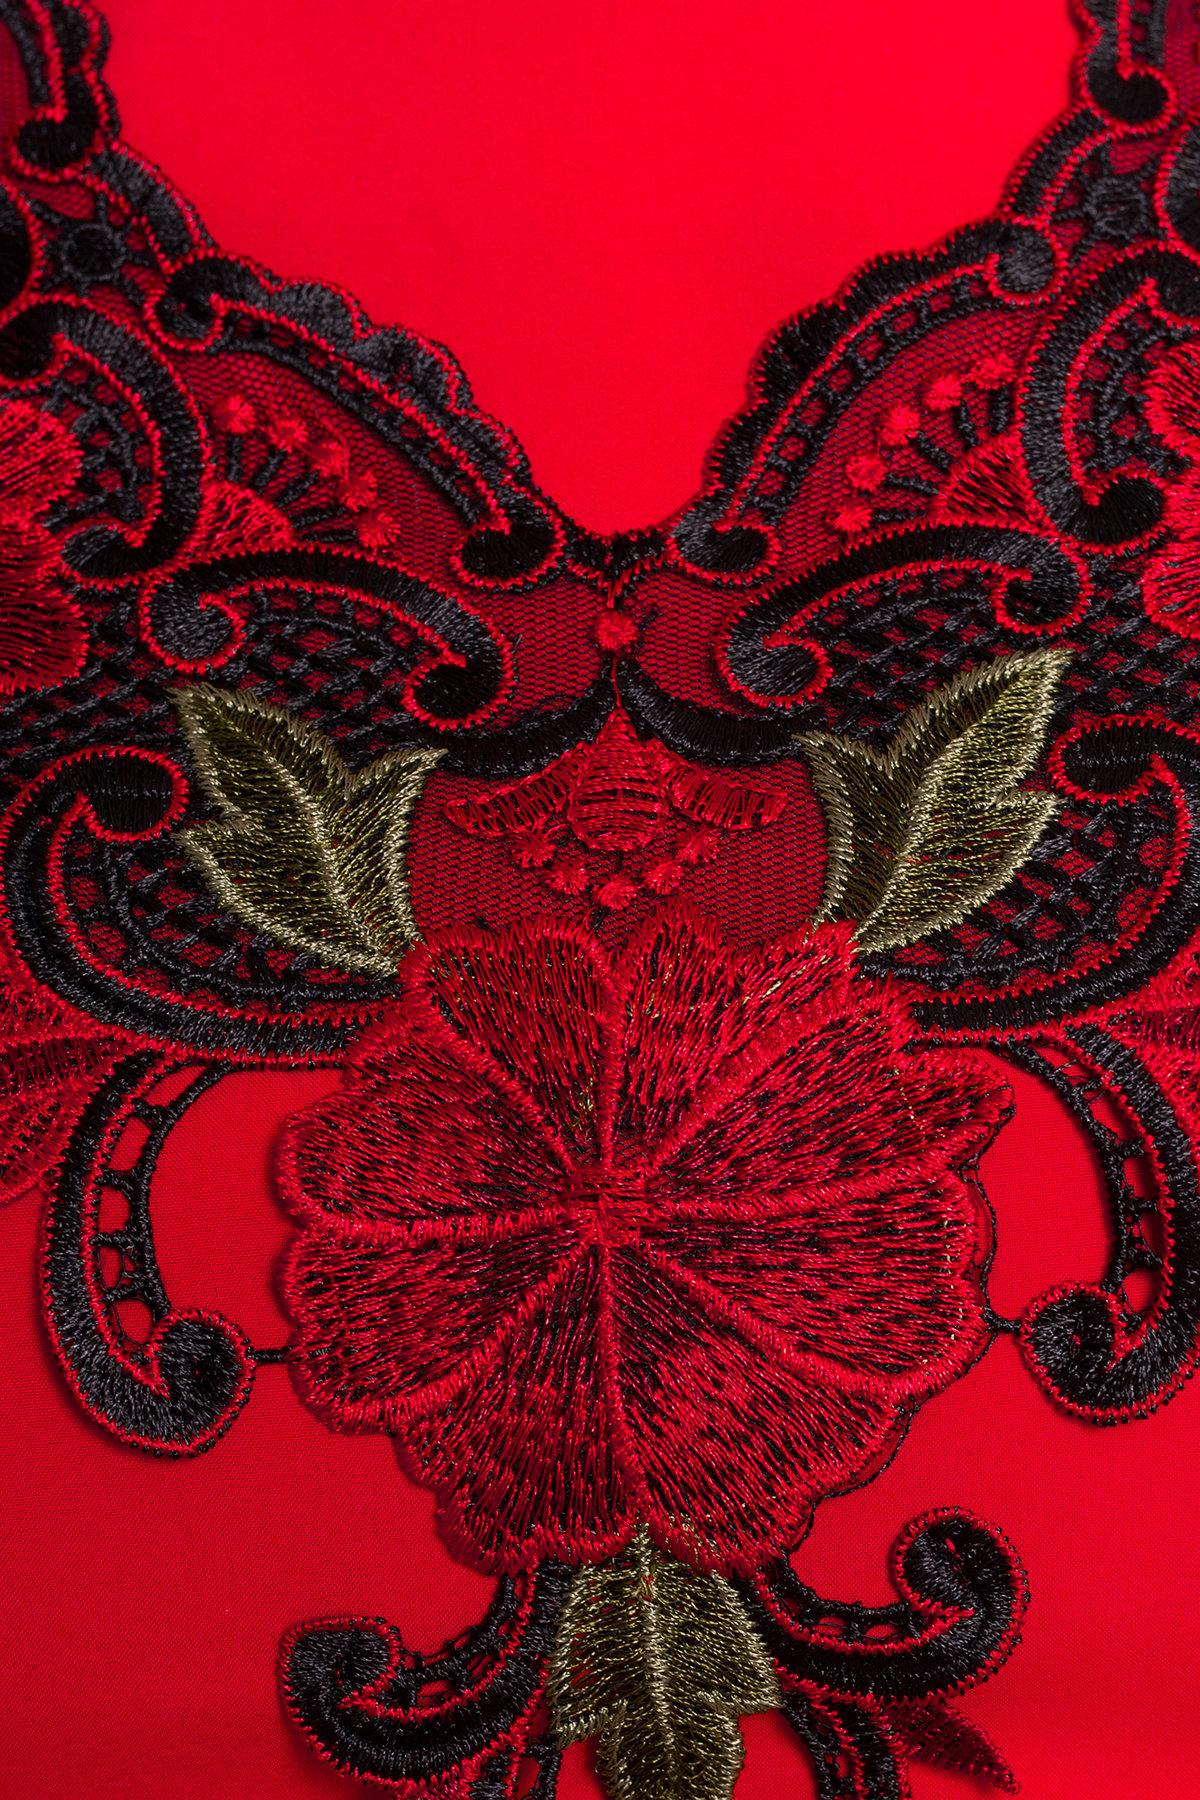 Платье Ариель 407 АРТ. 6704 Цвет: Красный - фото 3, интернет магазин tm-modus.ru